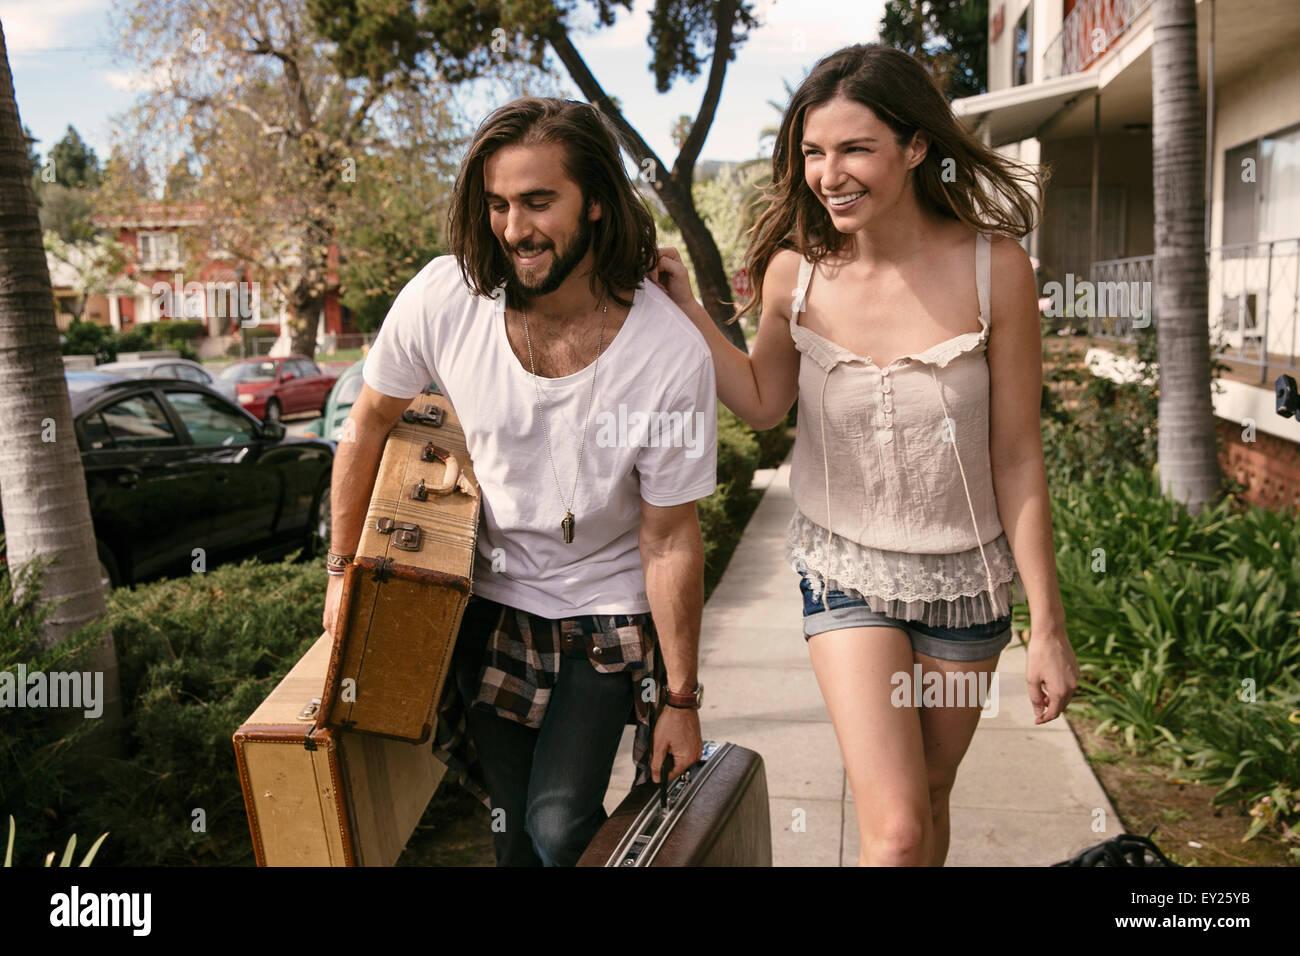 Jeune couple de la difficulté à transporter des valises pour road trip Photo Stock